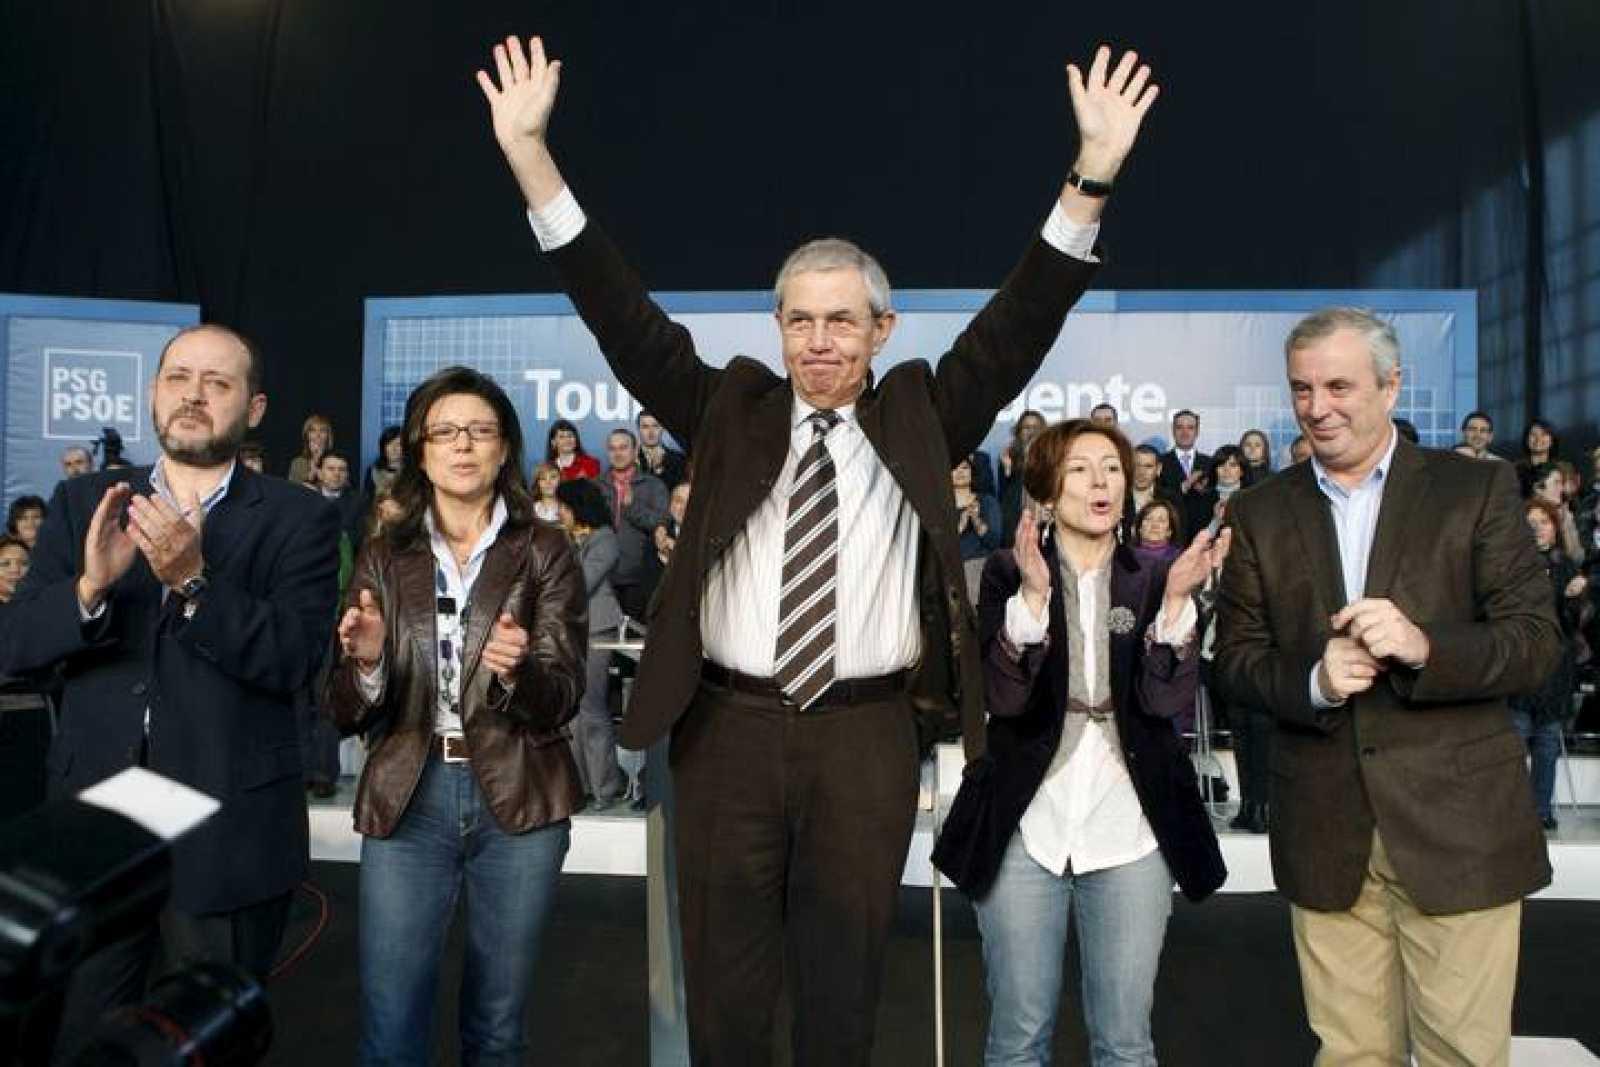 El candidato del PSdeG, Emilio Pérez Touriño, en el centro, junto a los cabeza de lista para las elecciones al Parlamento gallego.